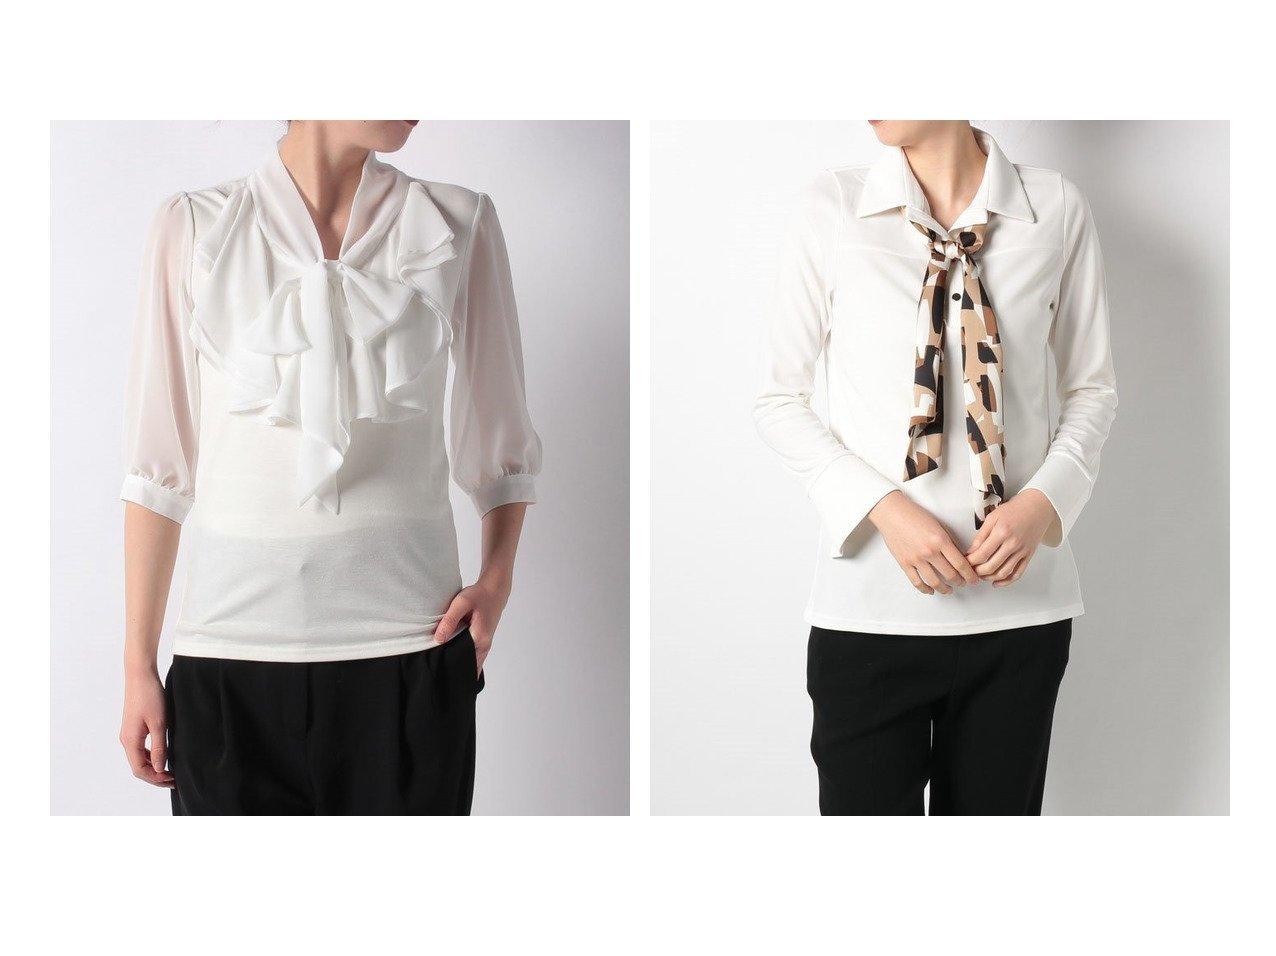 【salire/サリア】のフリルシフォンリボンタイトップス&幾何学柄タイ付シャツ トップス・カットソーのおすすめ!人気、トレンド・レディースファッションの通販 おすすめで人気の流行・トレンド、ファッションの通販商品 メンズファッション・キッズファッション・インテリア・家具・レディースファッション・服の通販 founy(ファニー) https://founy.com/ ファッション Fashion レディースファッション WOMEN トップス カットソー Tops Tshirt シャツ/ブラウス Shirts Blouses NEW・新作・新着・新入荷 New Arrivals カットソー フロント リボン インナー エレガント ジャケット スカーフ  ID:crp329100000022962